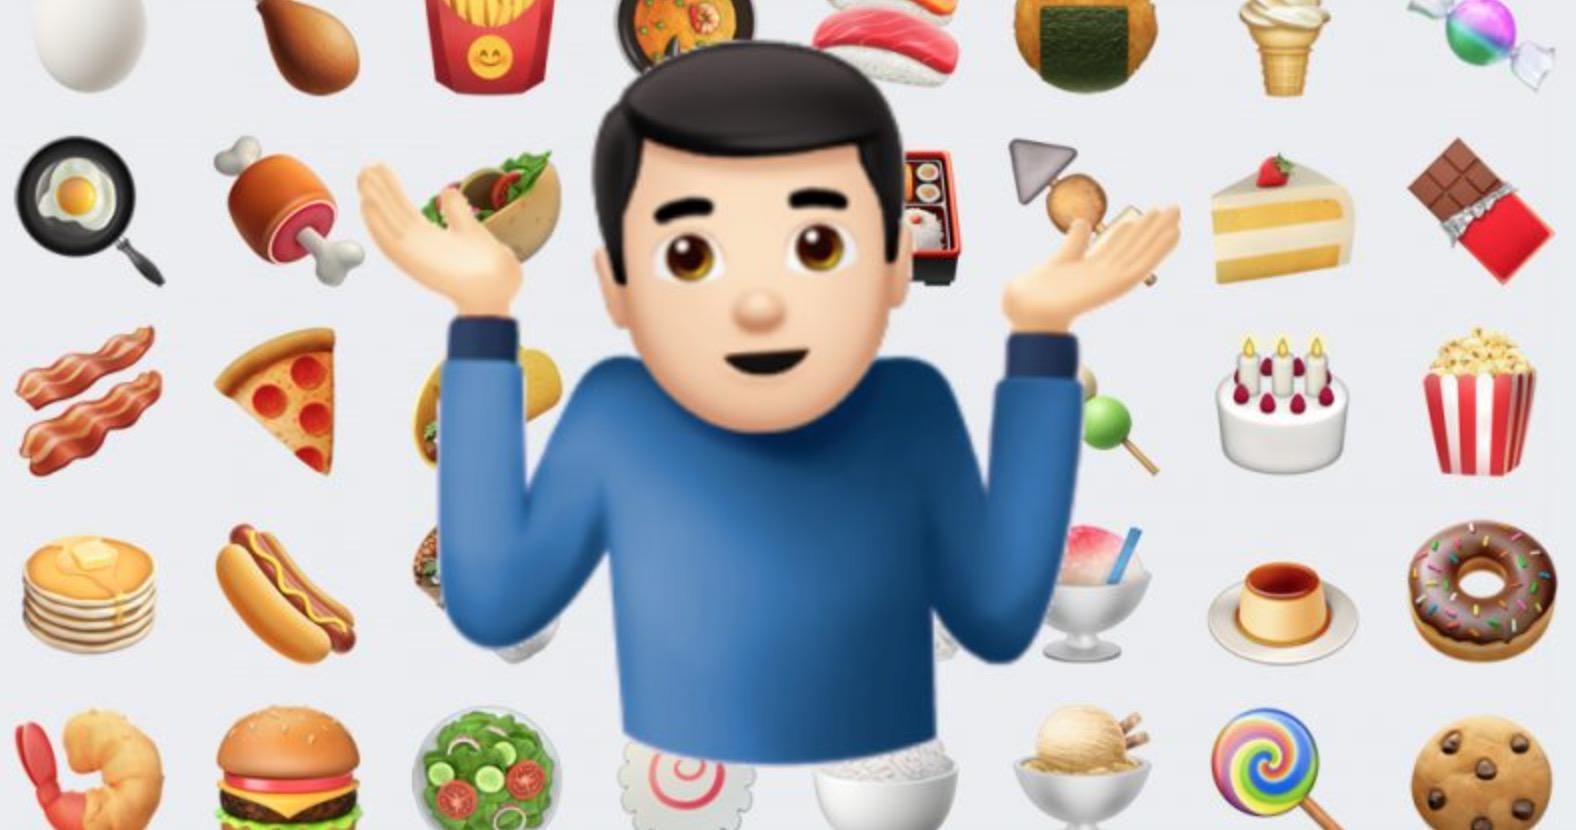 Emoji iOS 11.1 aggiornamento